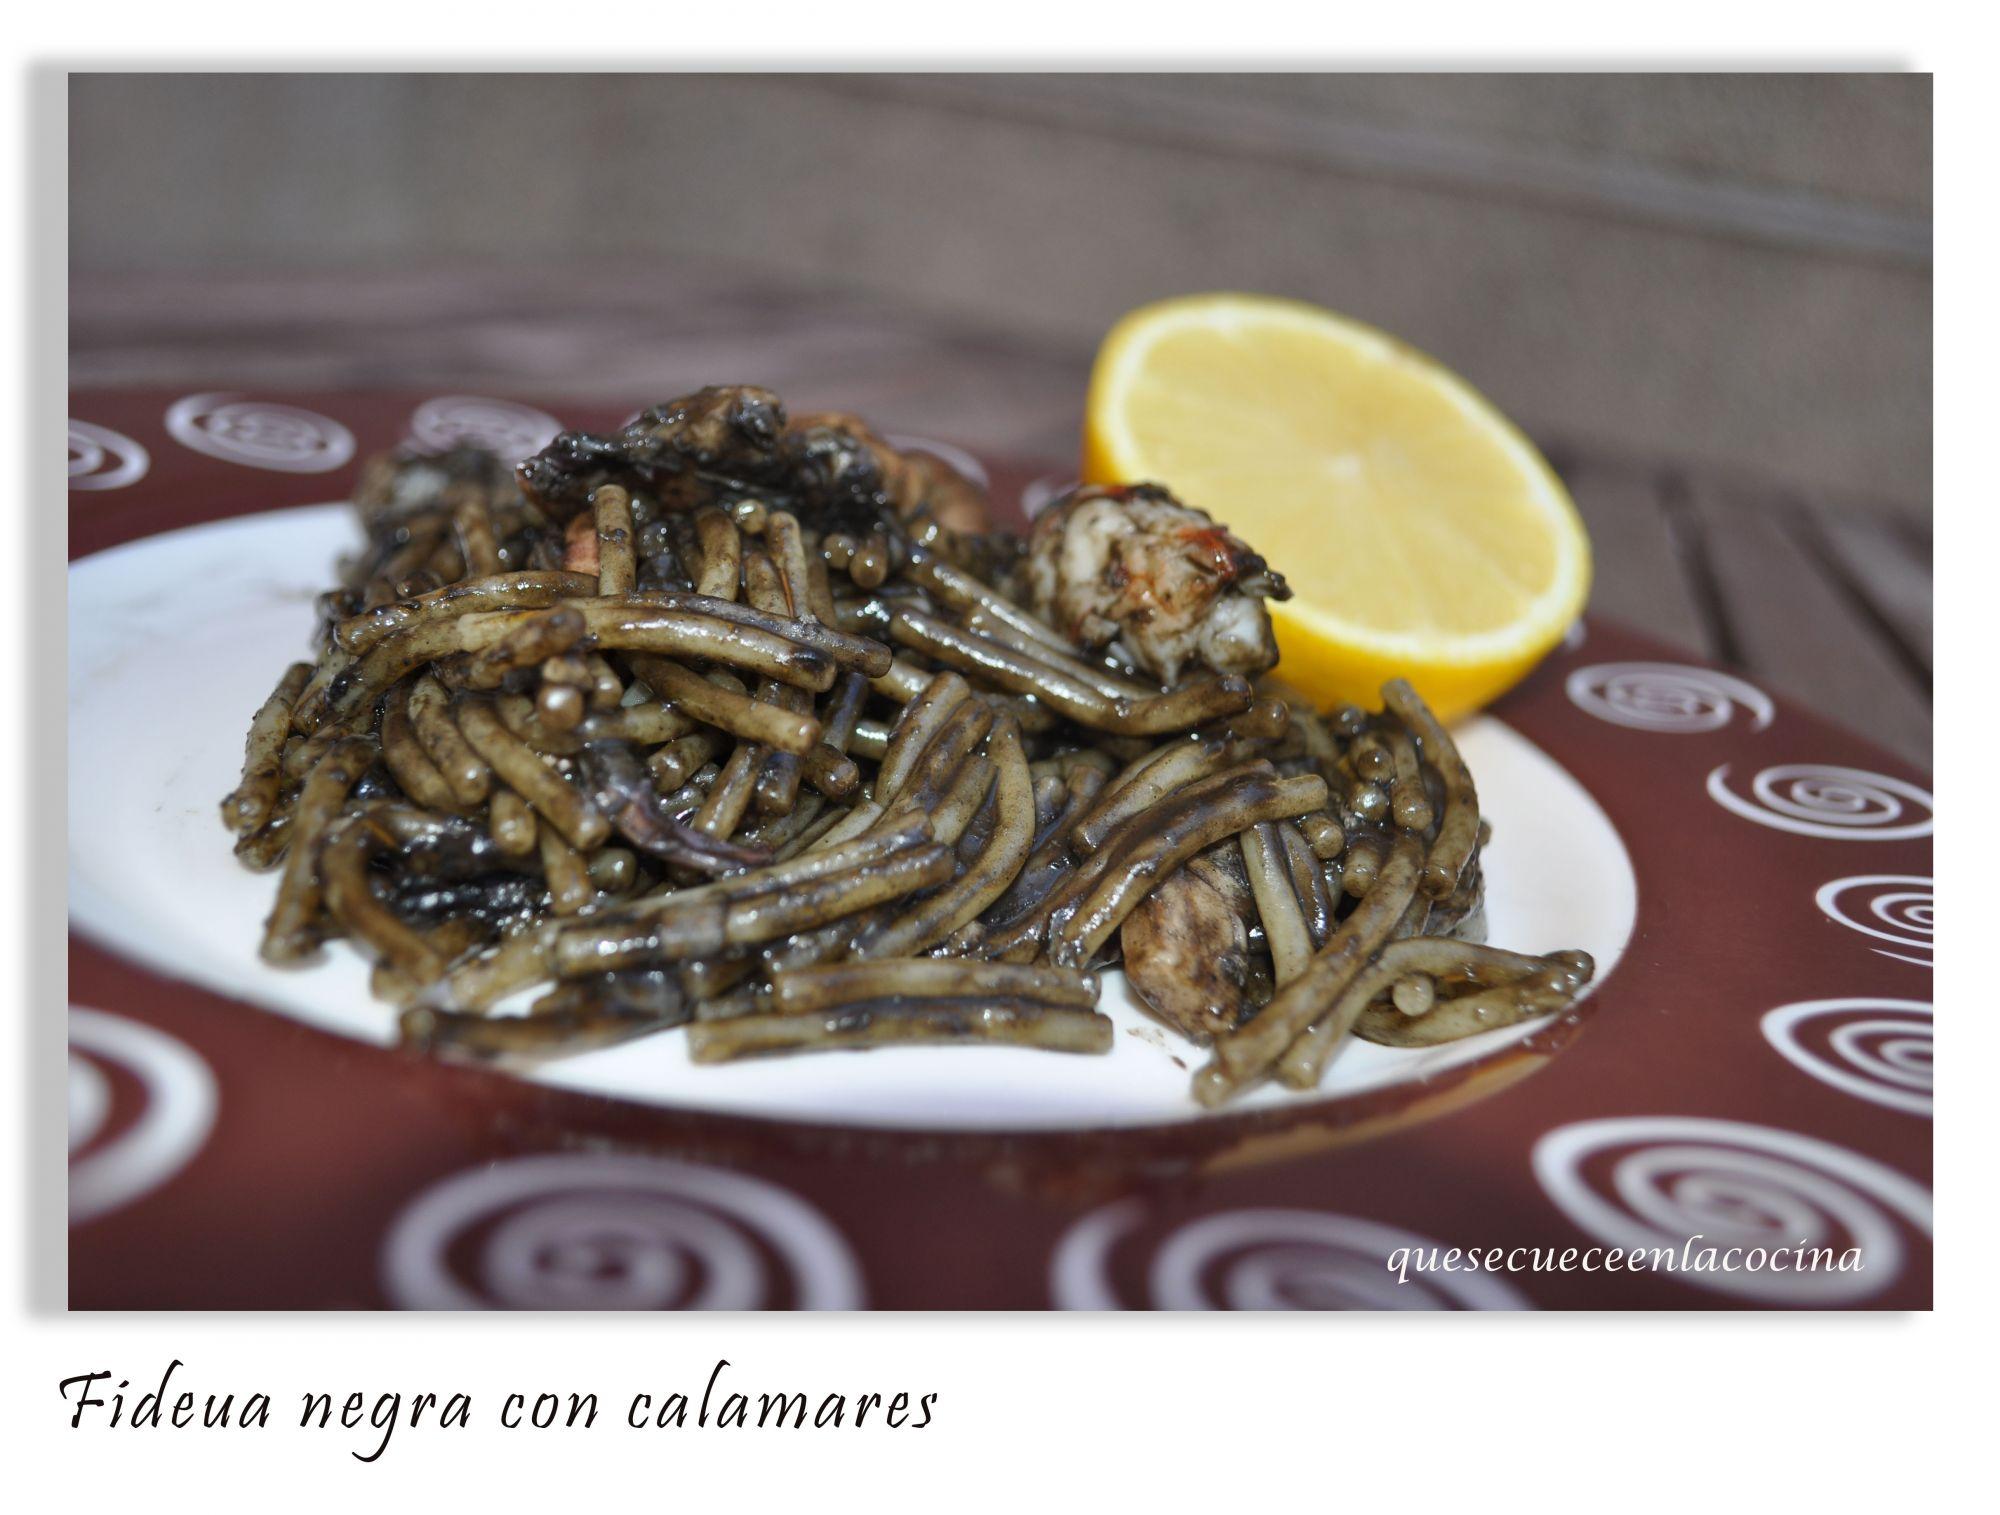 Tallarines de calabacn Fideuá negra con calamares